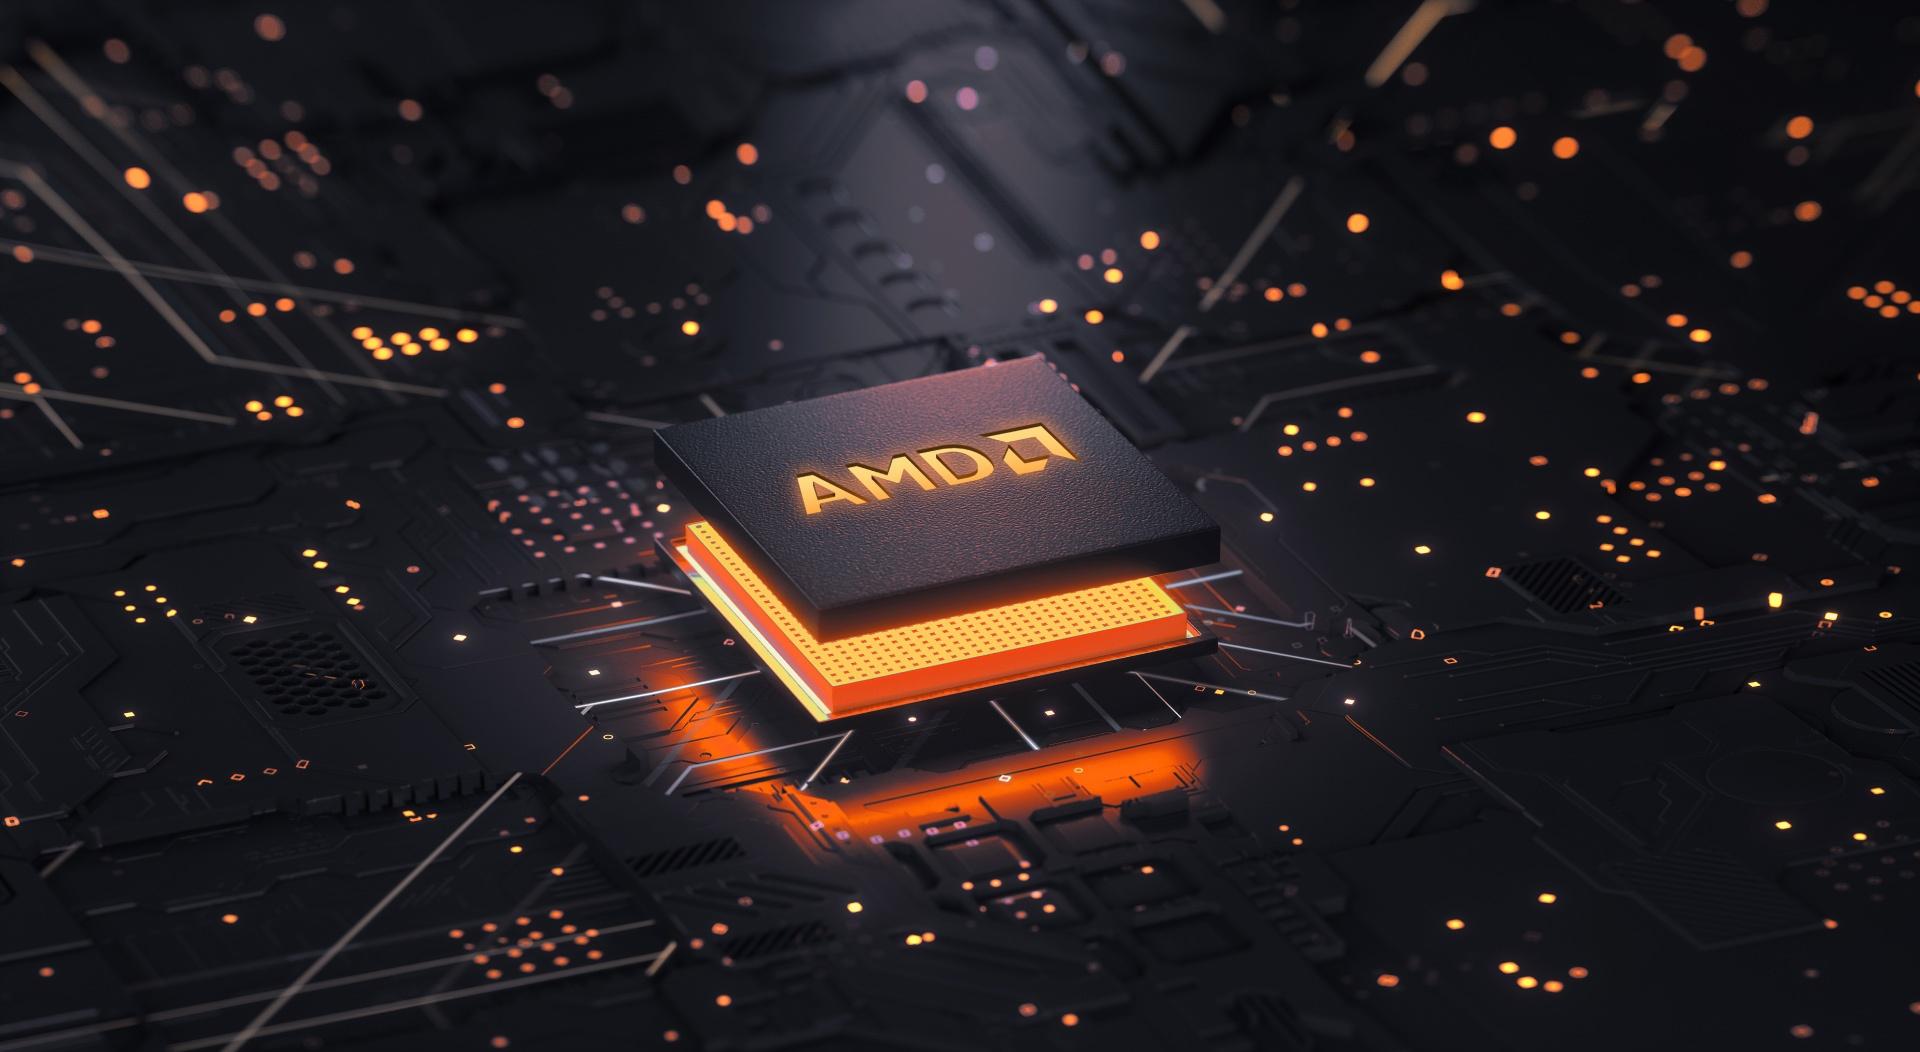 Windows 11 no es compatible con los procesadores AMD Ryzen de primera generación, se requiere TPM